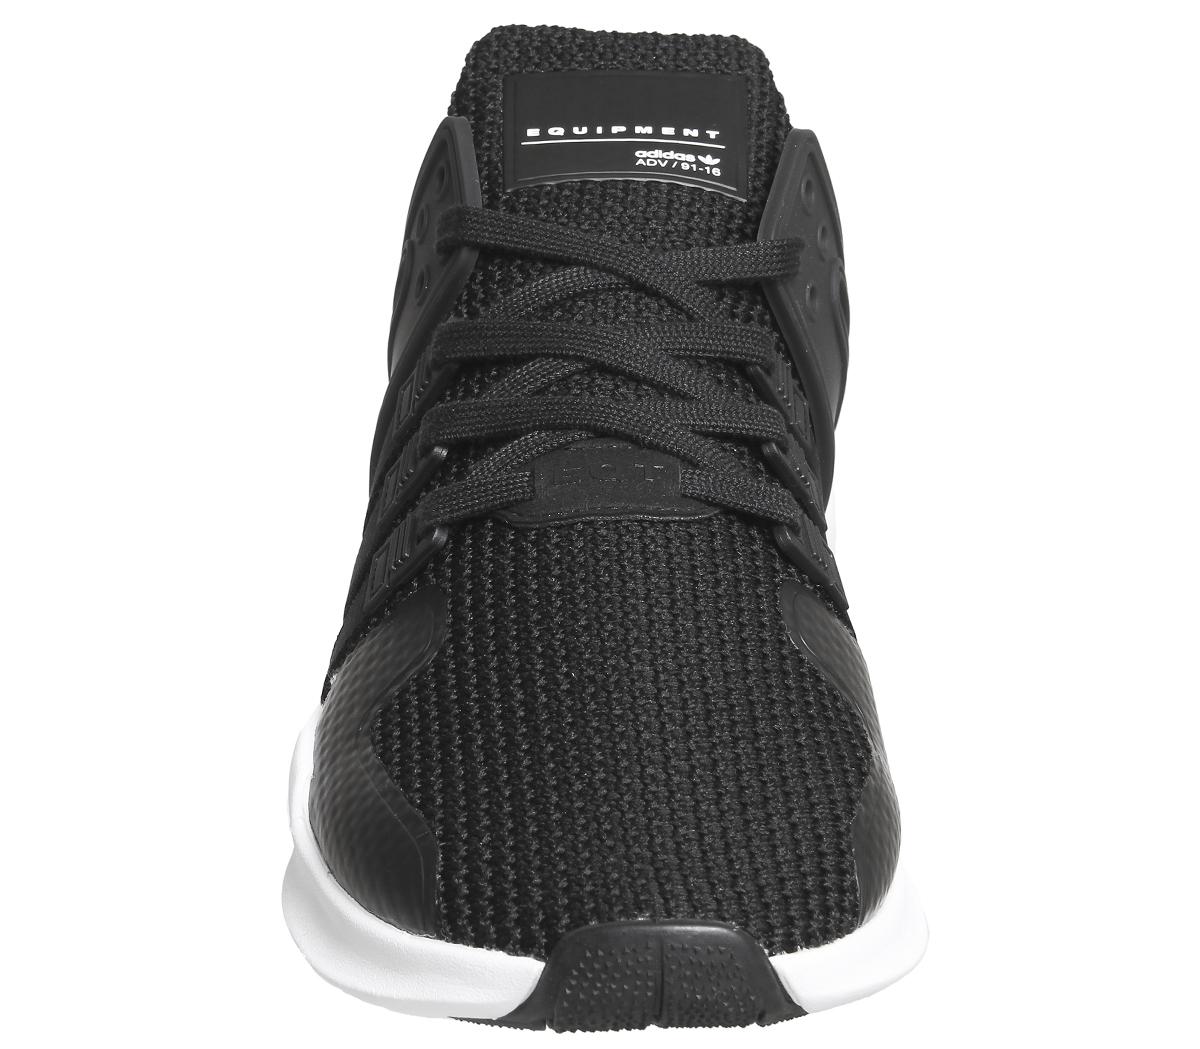 new styles 456e9 7a3e4 Mens-Adidas-Equipment-Support-Adv-BLACK-WHITE-STRIPE-